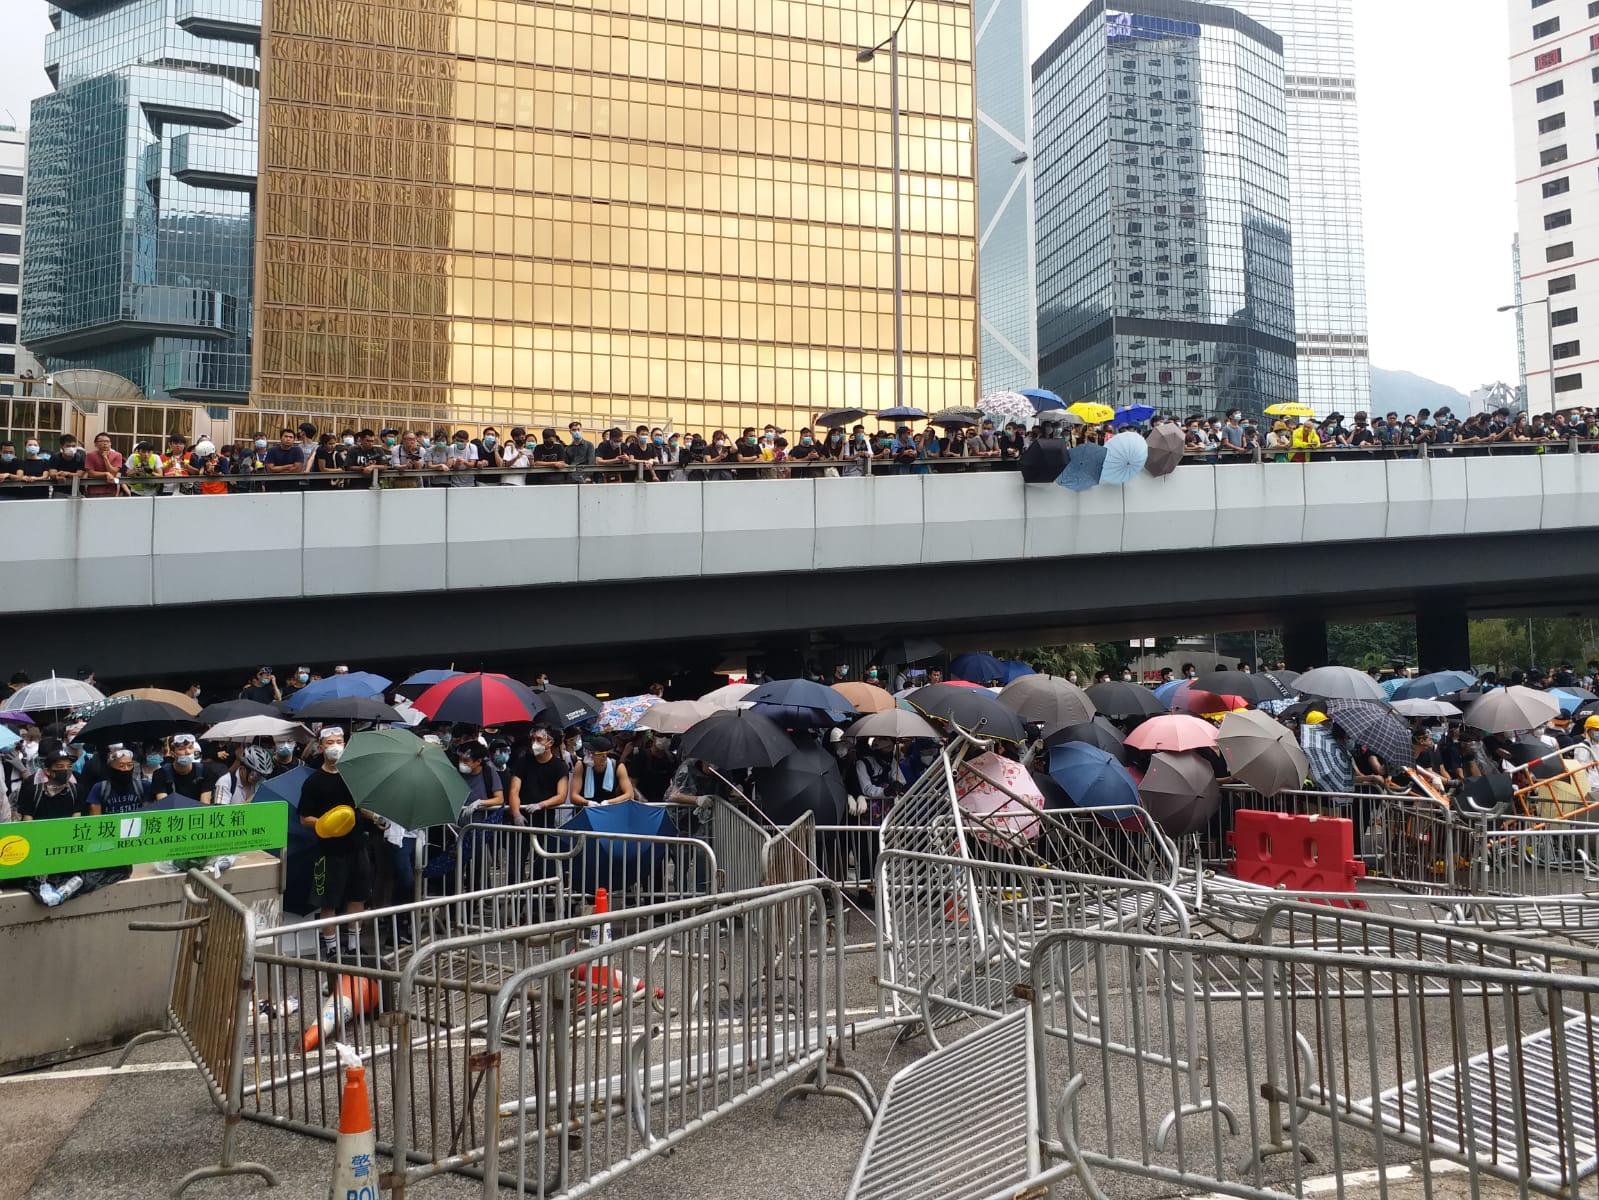 【逃犯條例】示威者推前防線向政總扔雜物 警兩度施胡椒噴霧